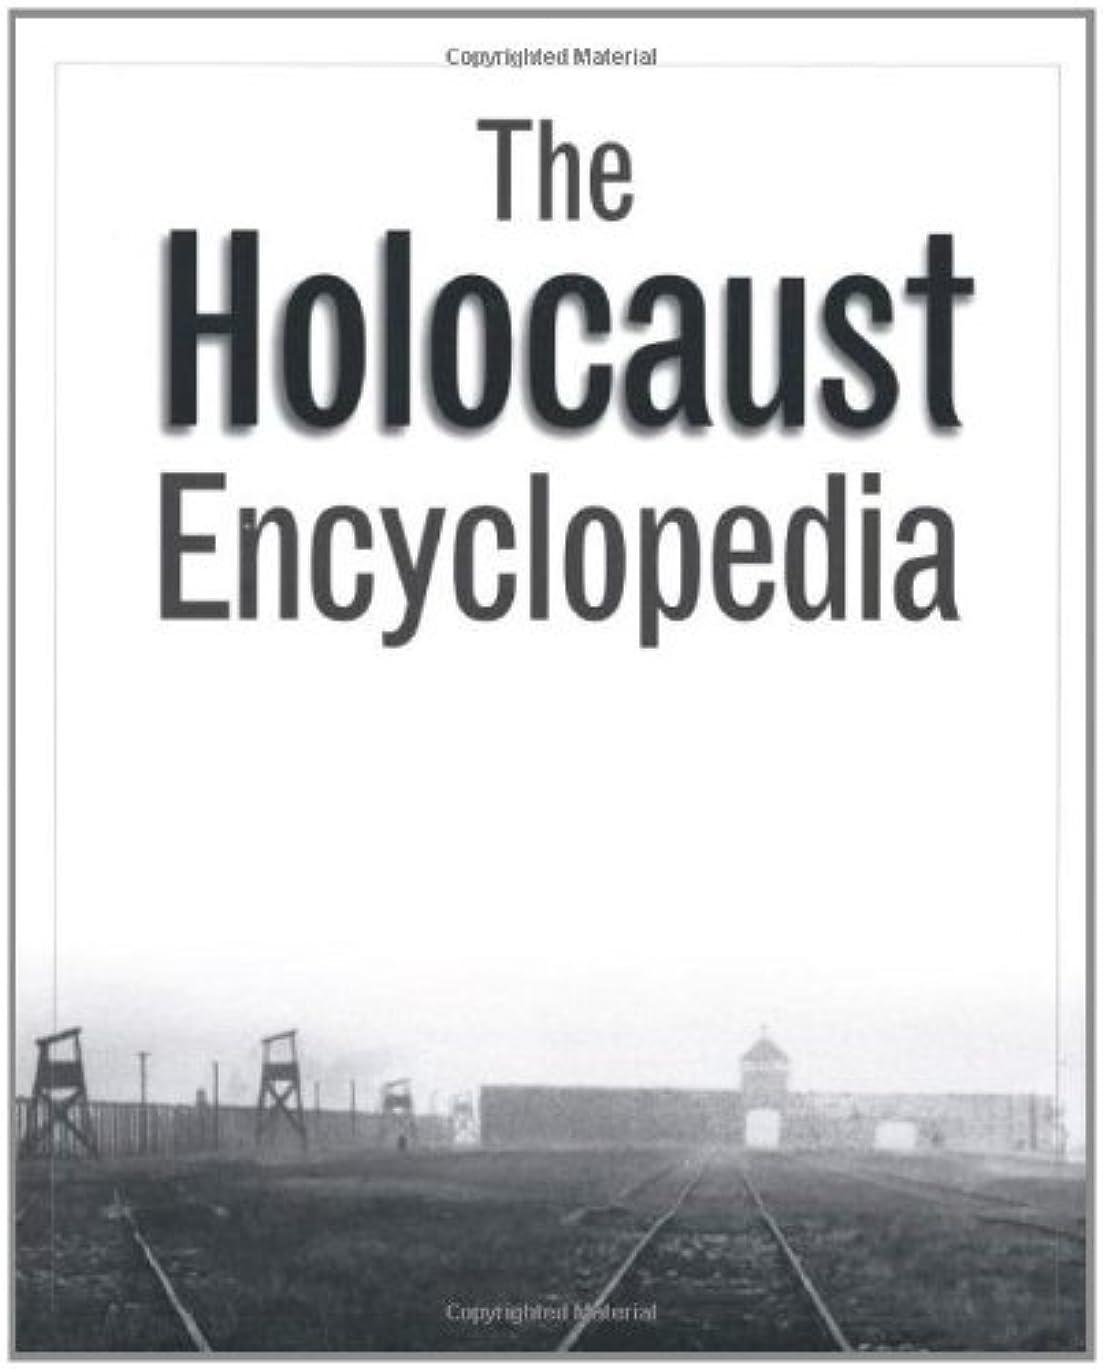 テレマコス容量製造業The Holocaust Encyclopedia